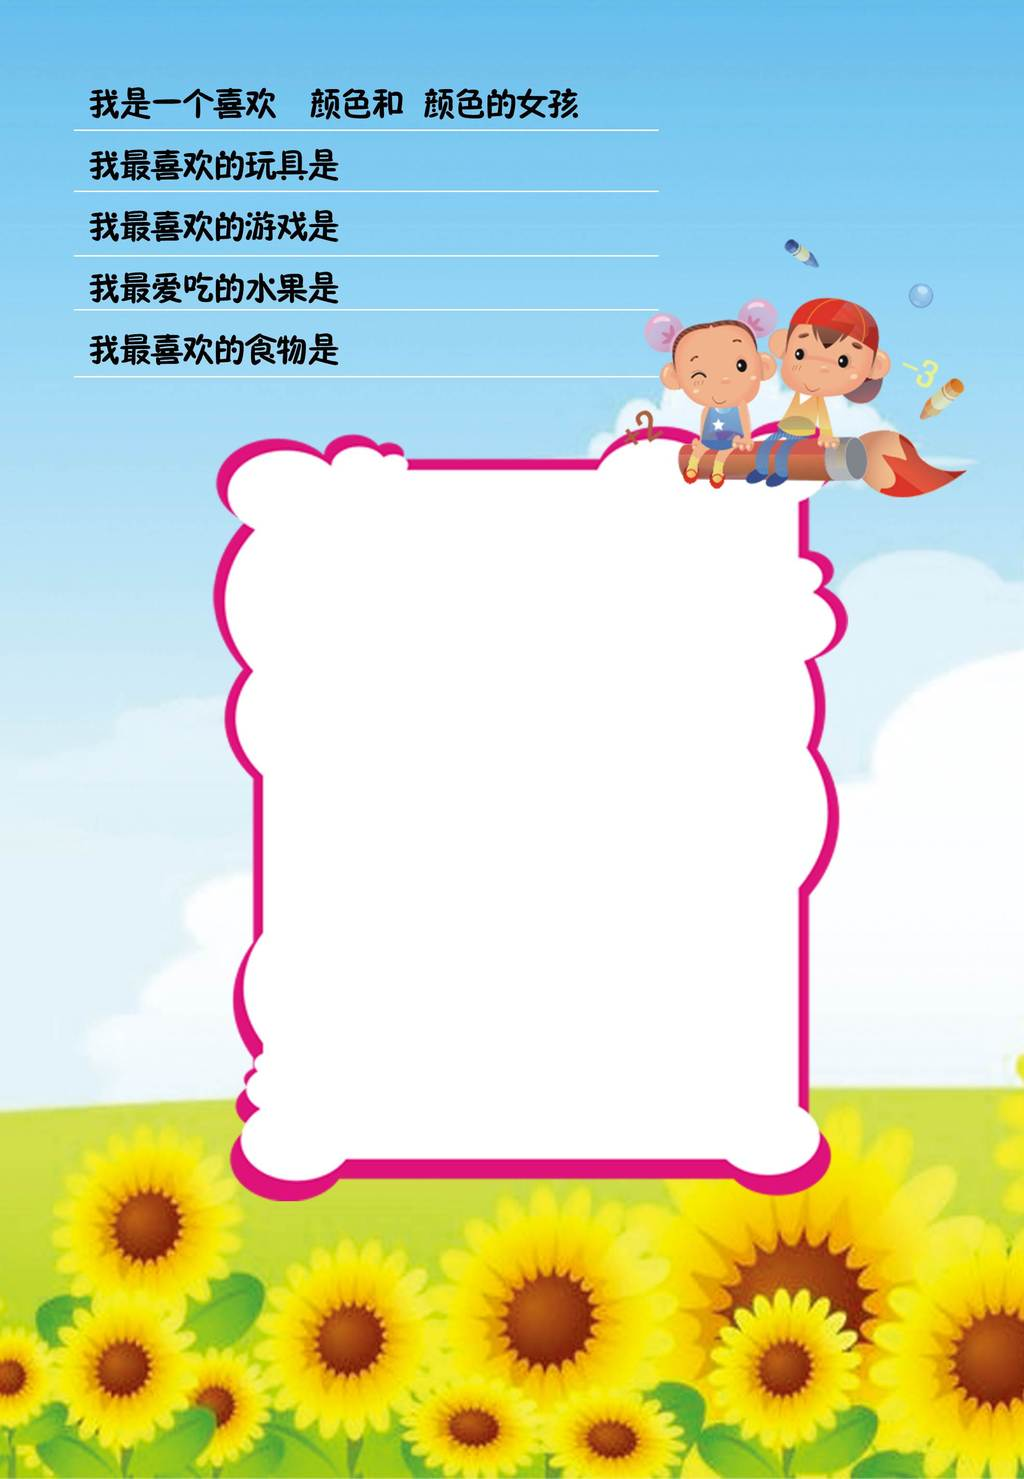 儿童成长档案ppt模板模版